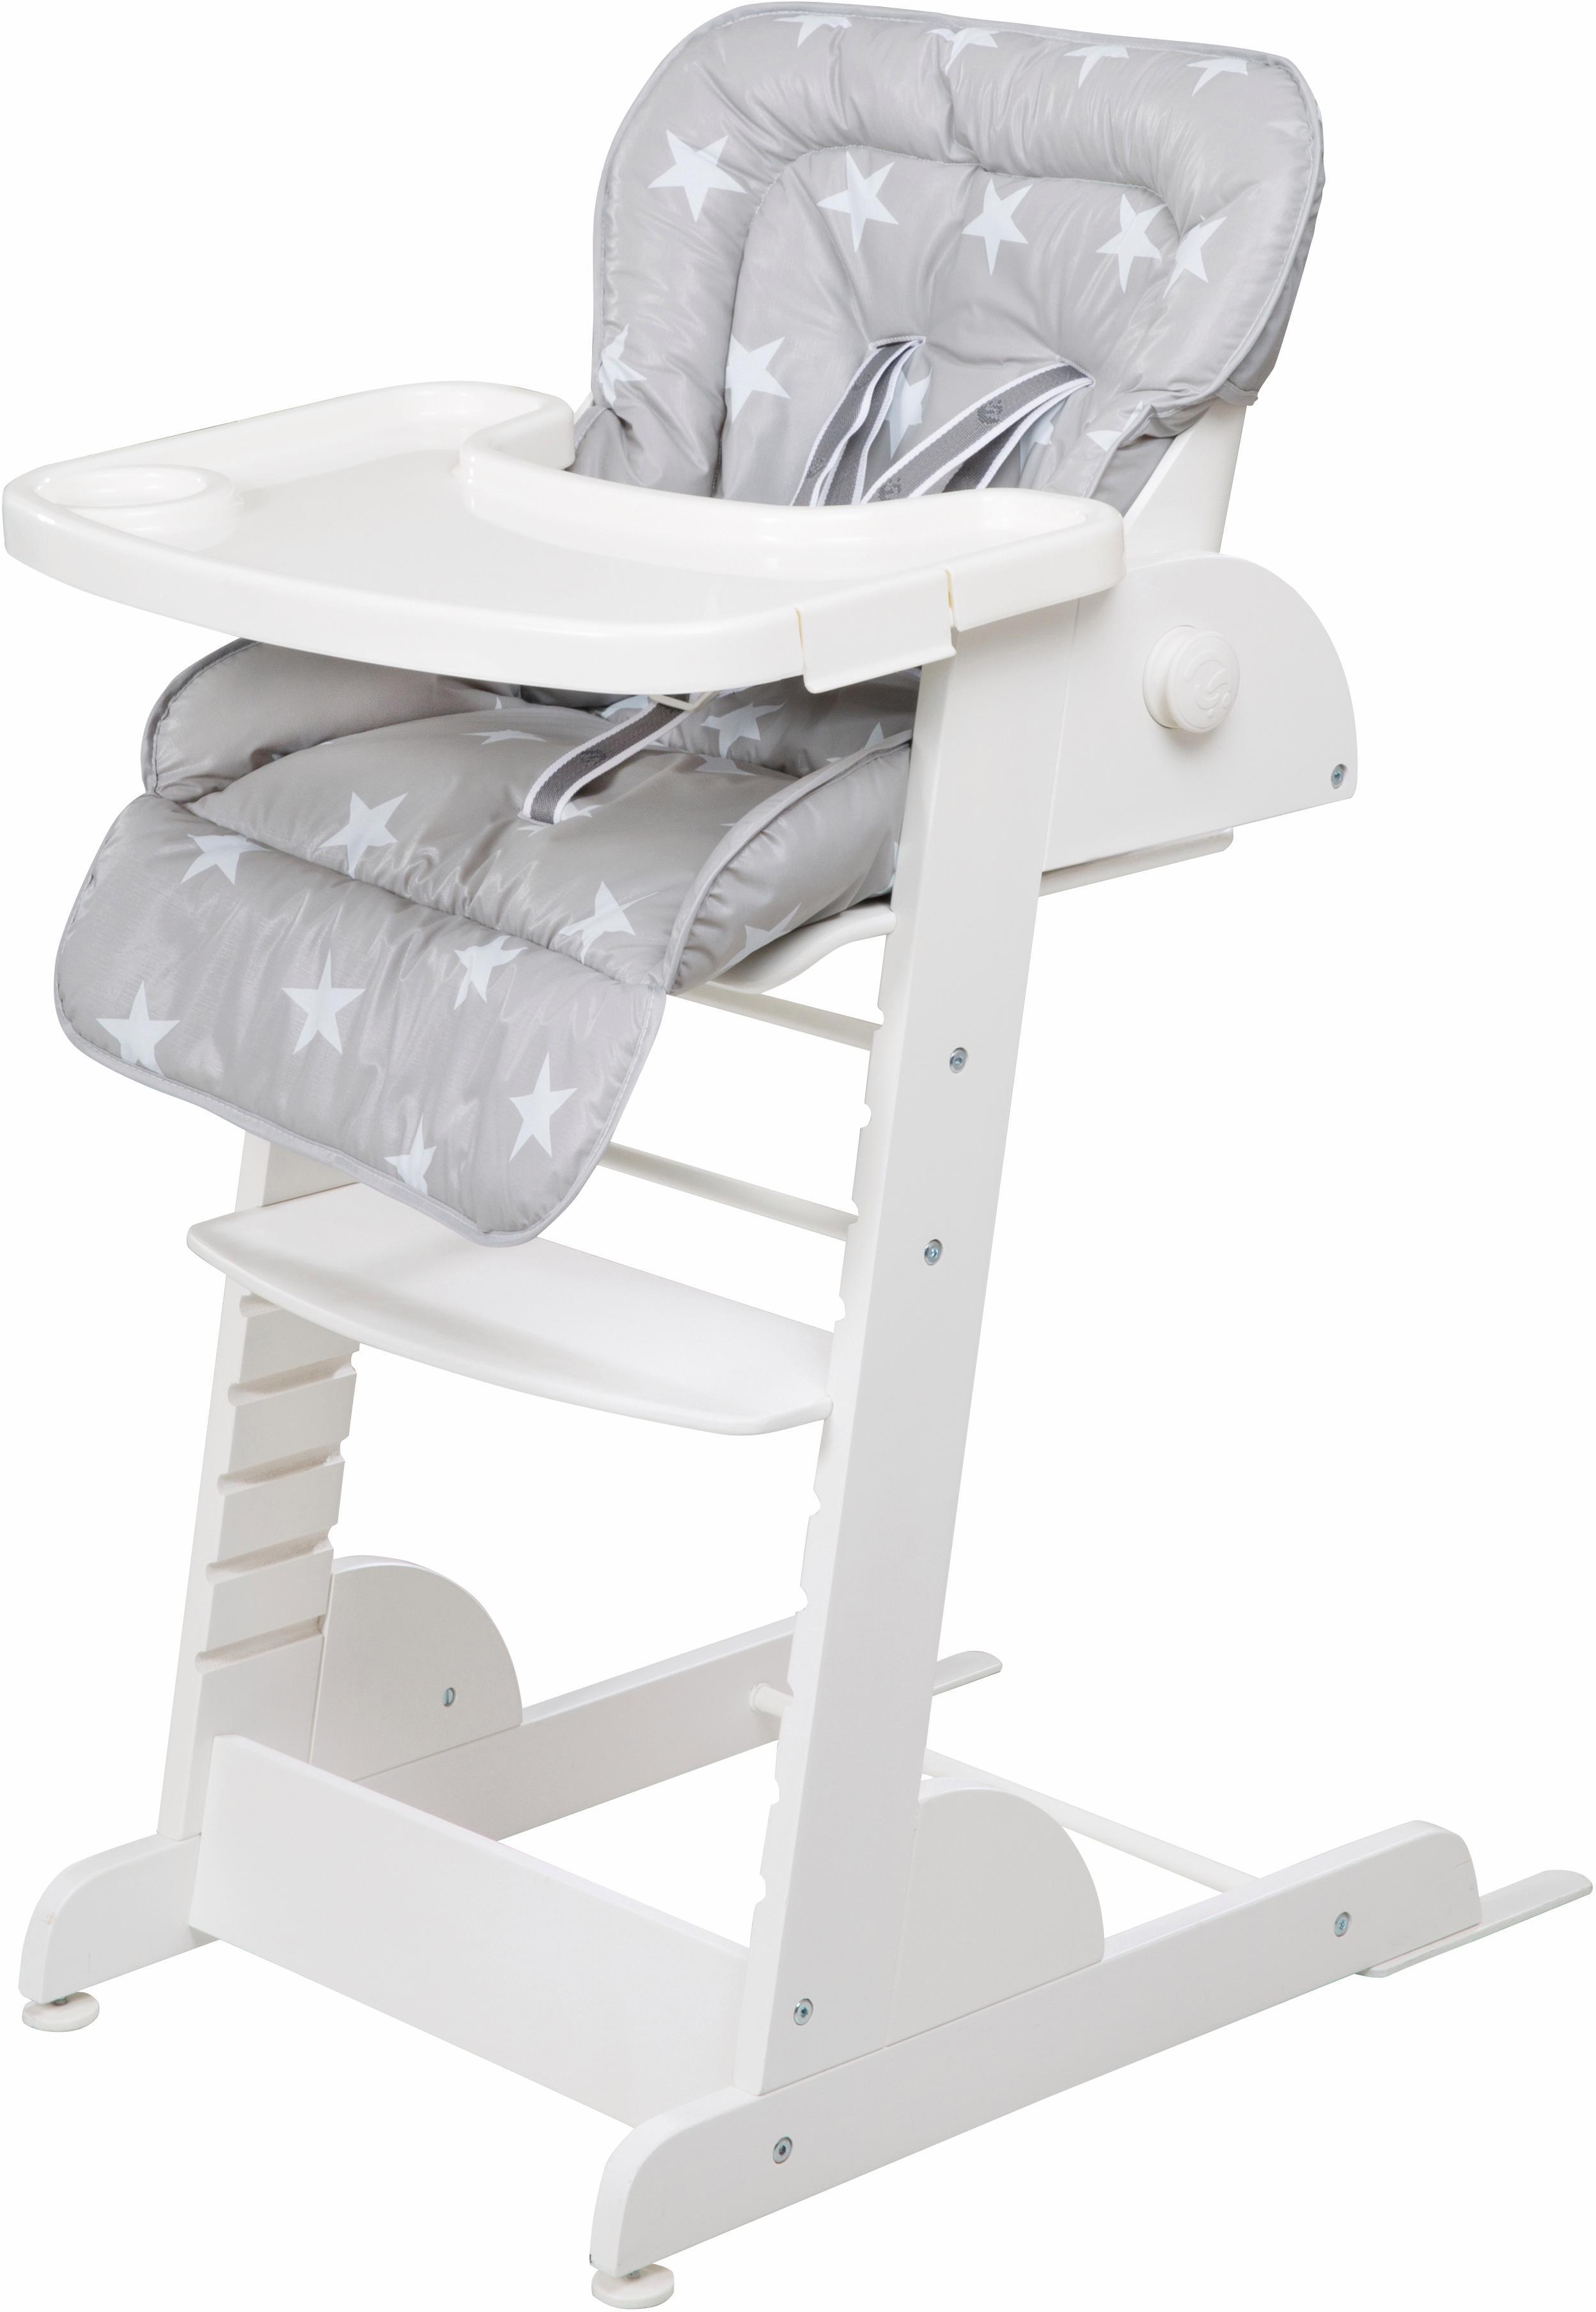 roba Hochstuhl Treppenhochstuhl, Chill Up, weiß Baby Treppenhochstühle Hochstühle Babymöbel Stühle